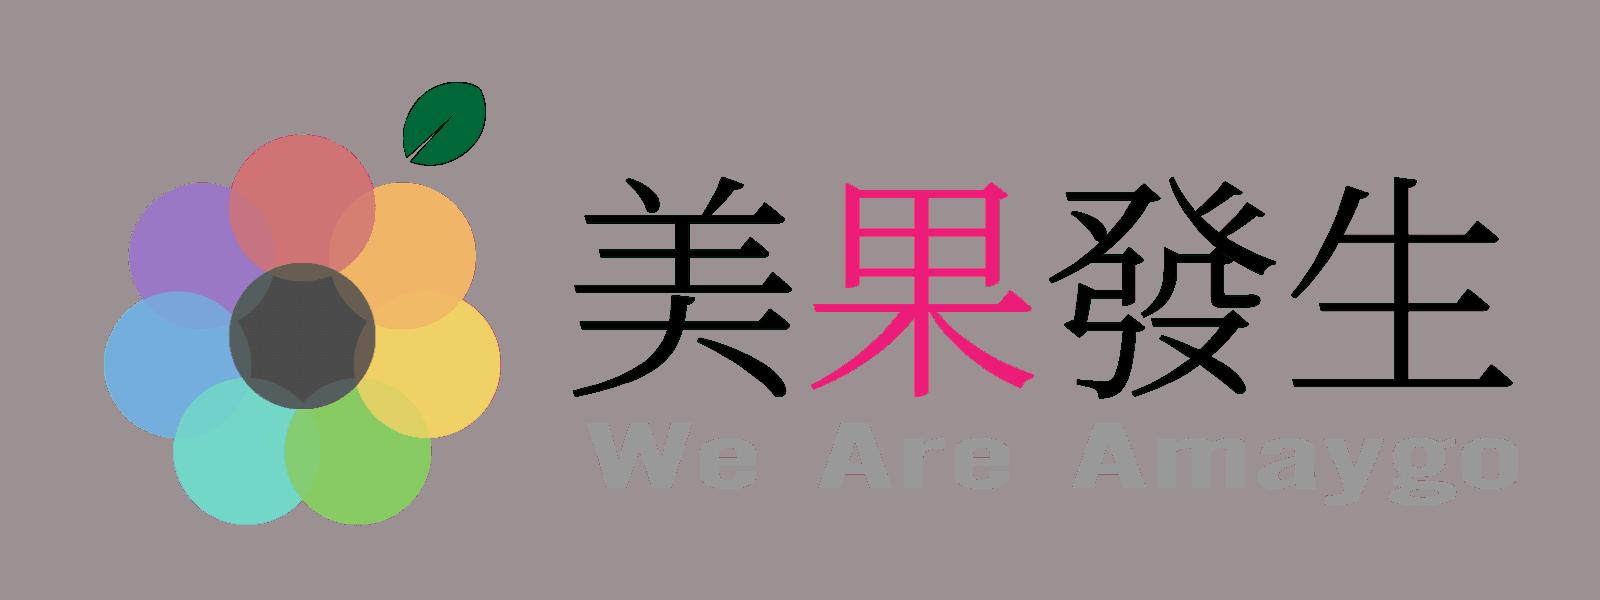 amaygo_logo_word